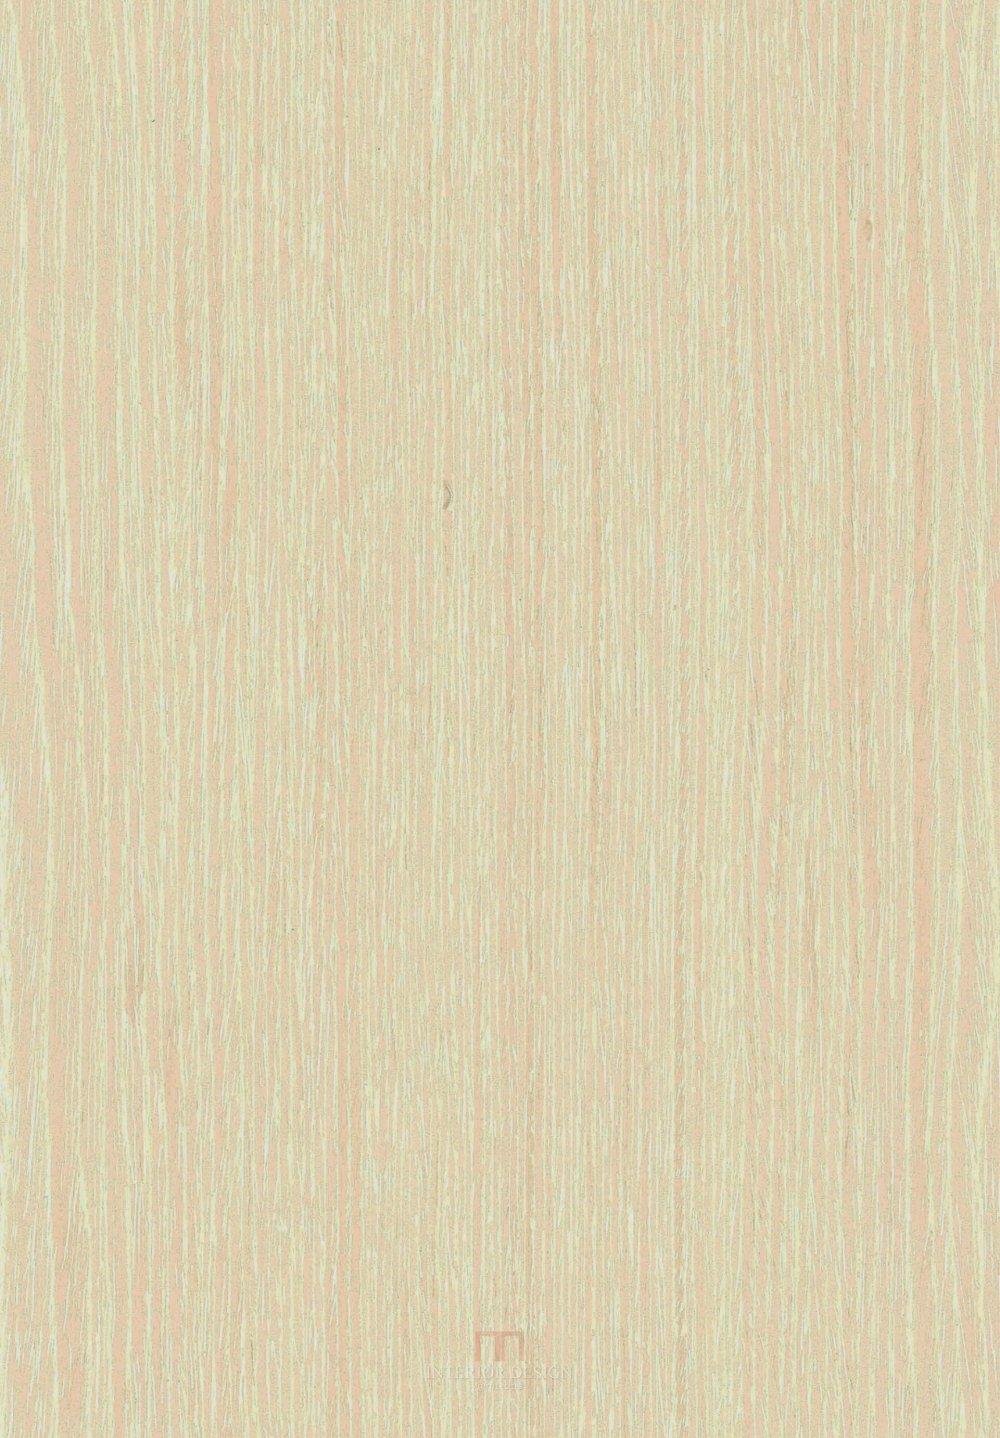 人造木纹_K6227_F0603.jpg